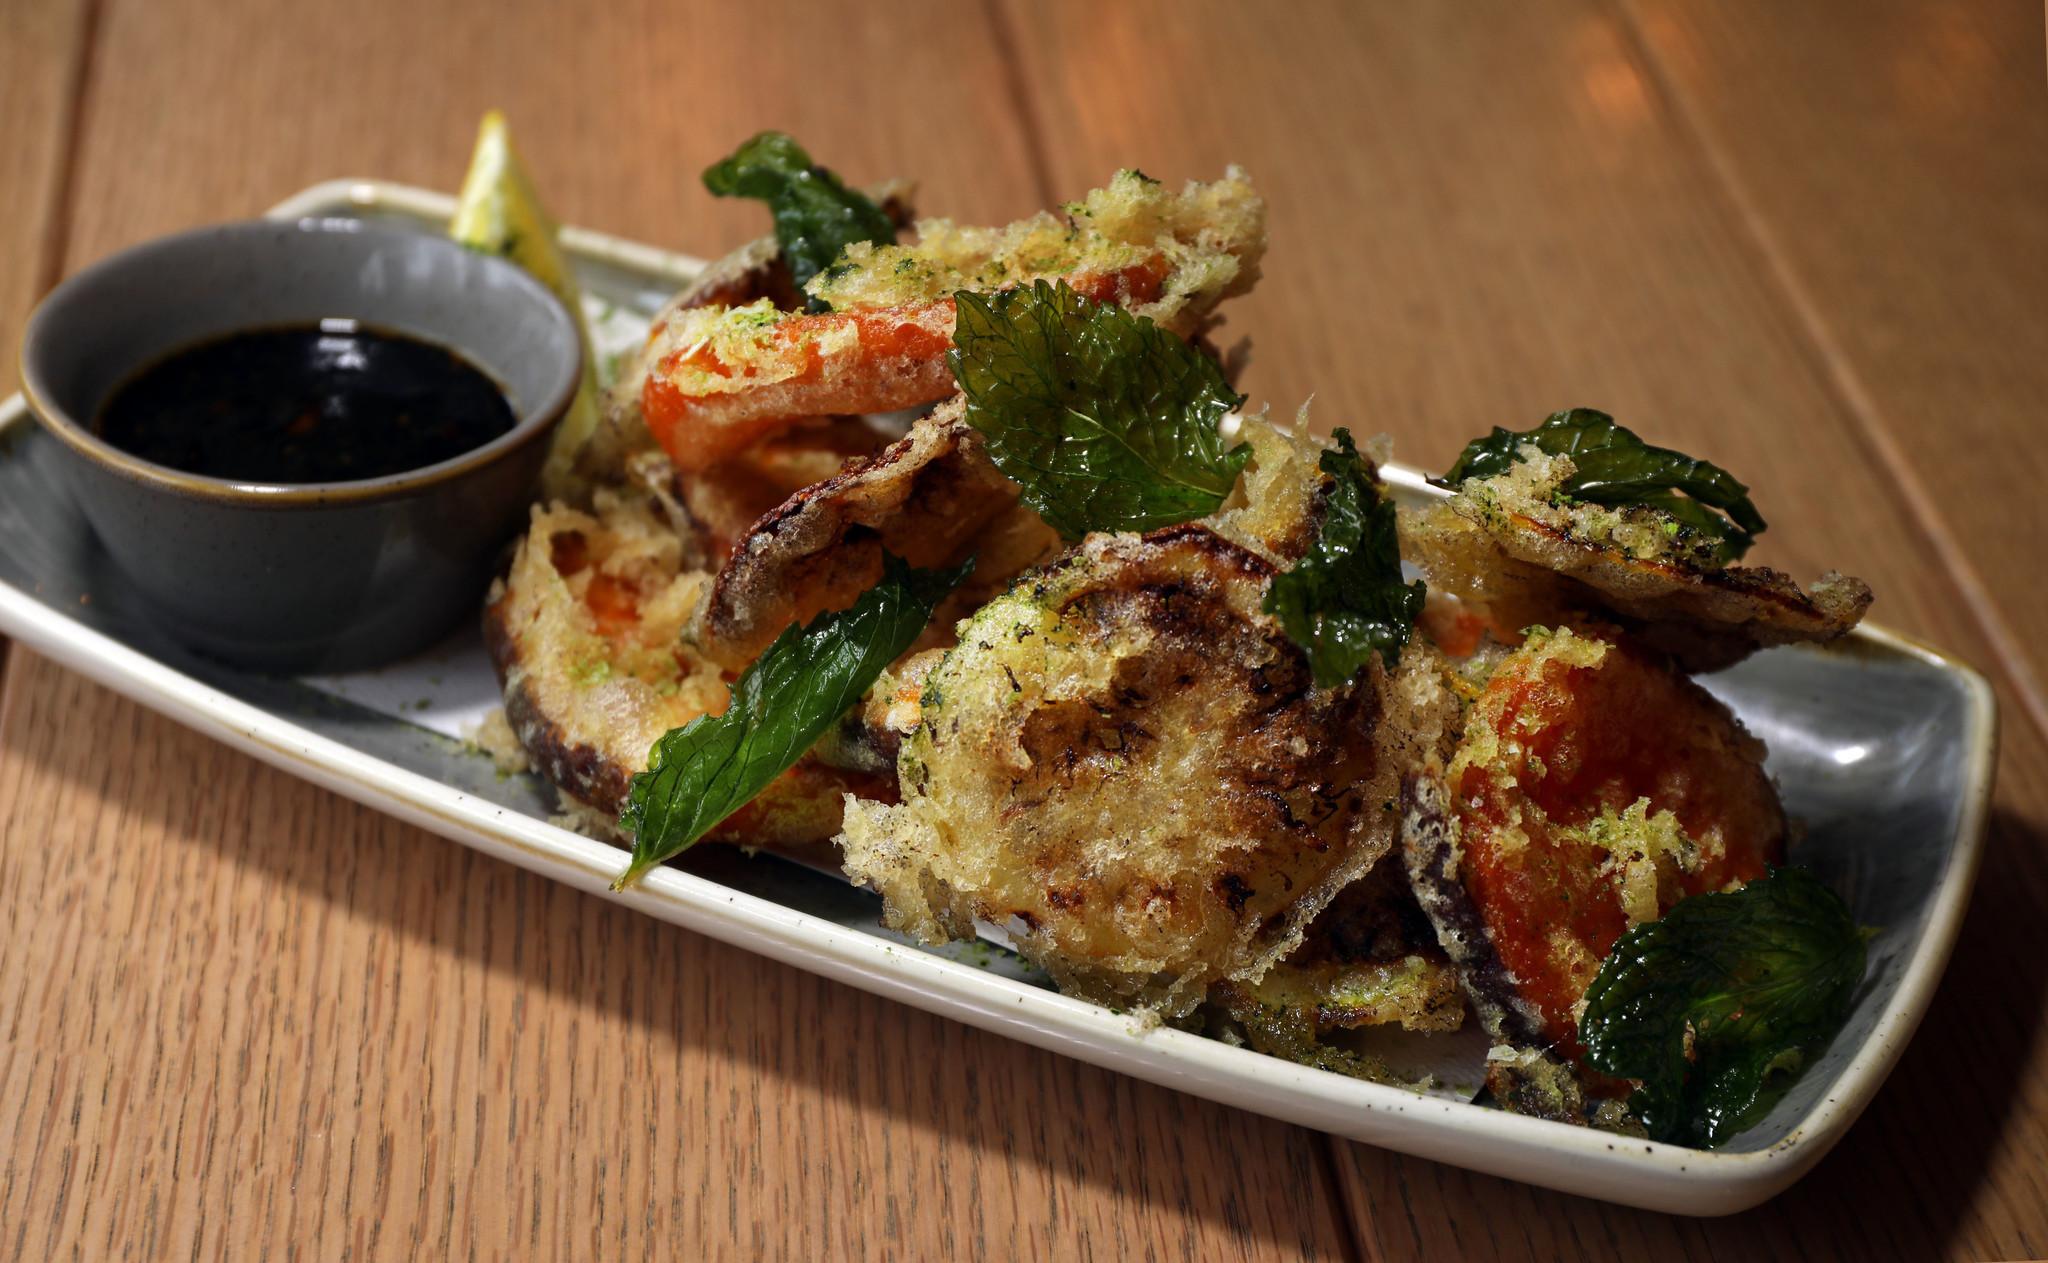 Good Vegetarian Friendly Restaurants Chicago